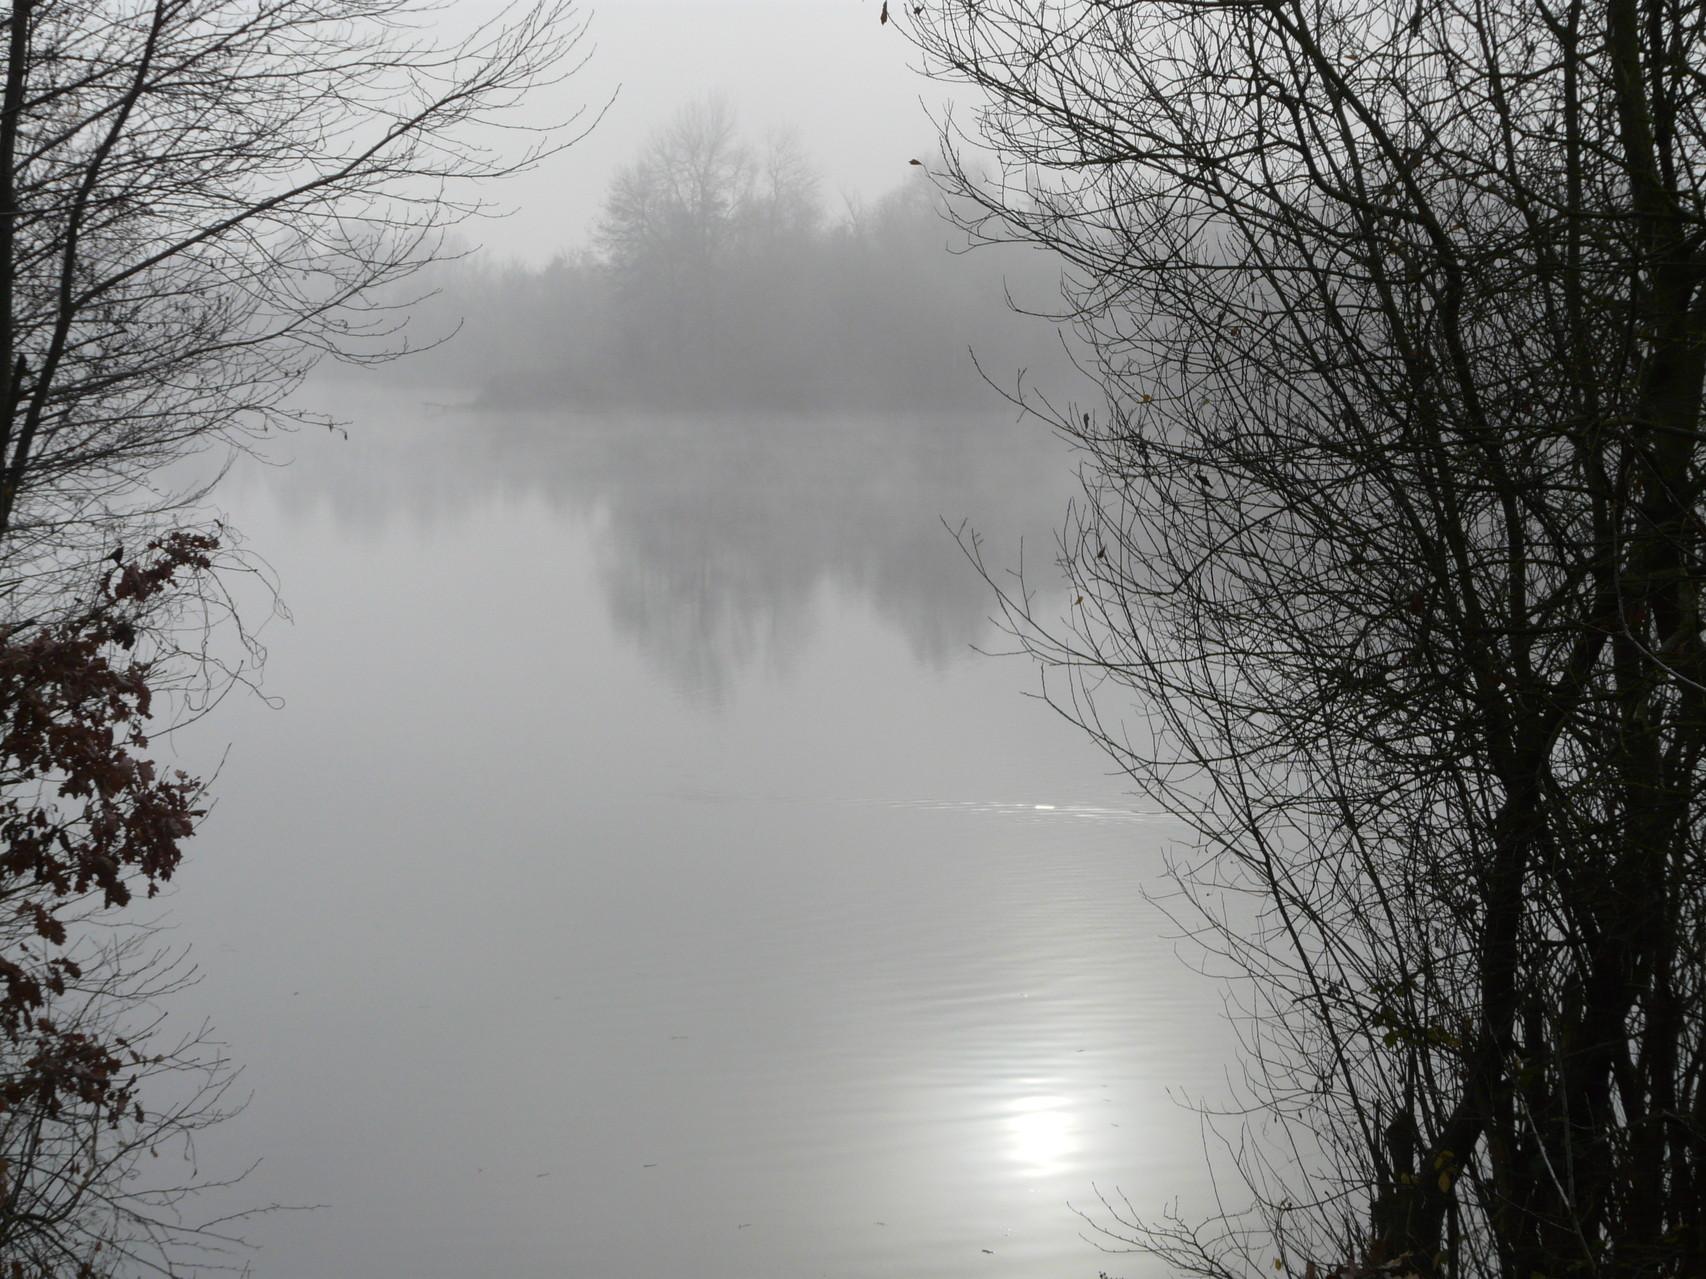 Wintersonne spiegelt sich im Steinrodsee  - Foto: Silke Bogorinski 2014